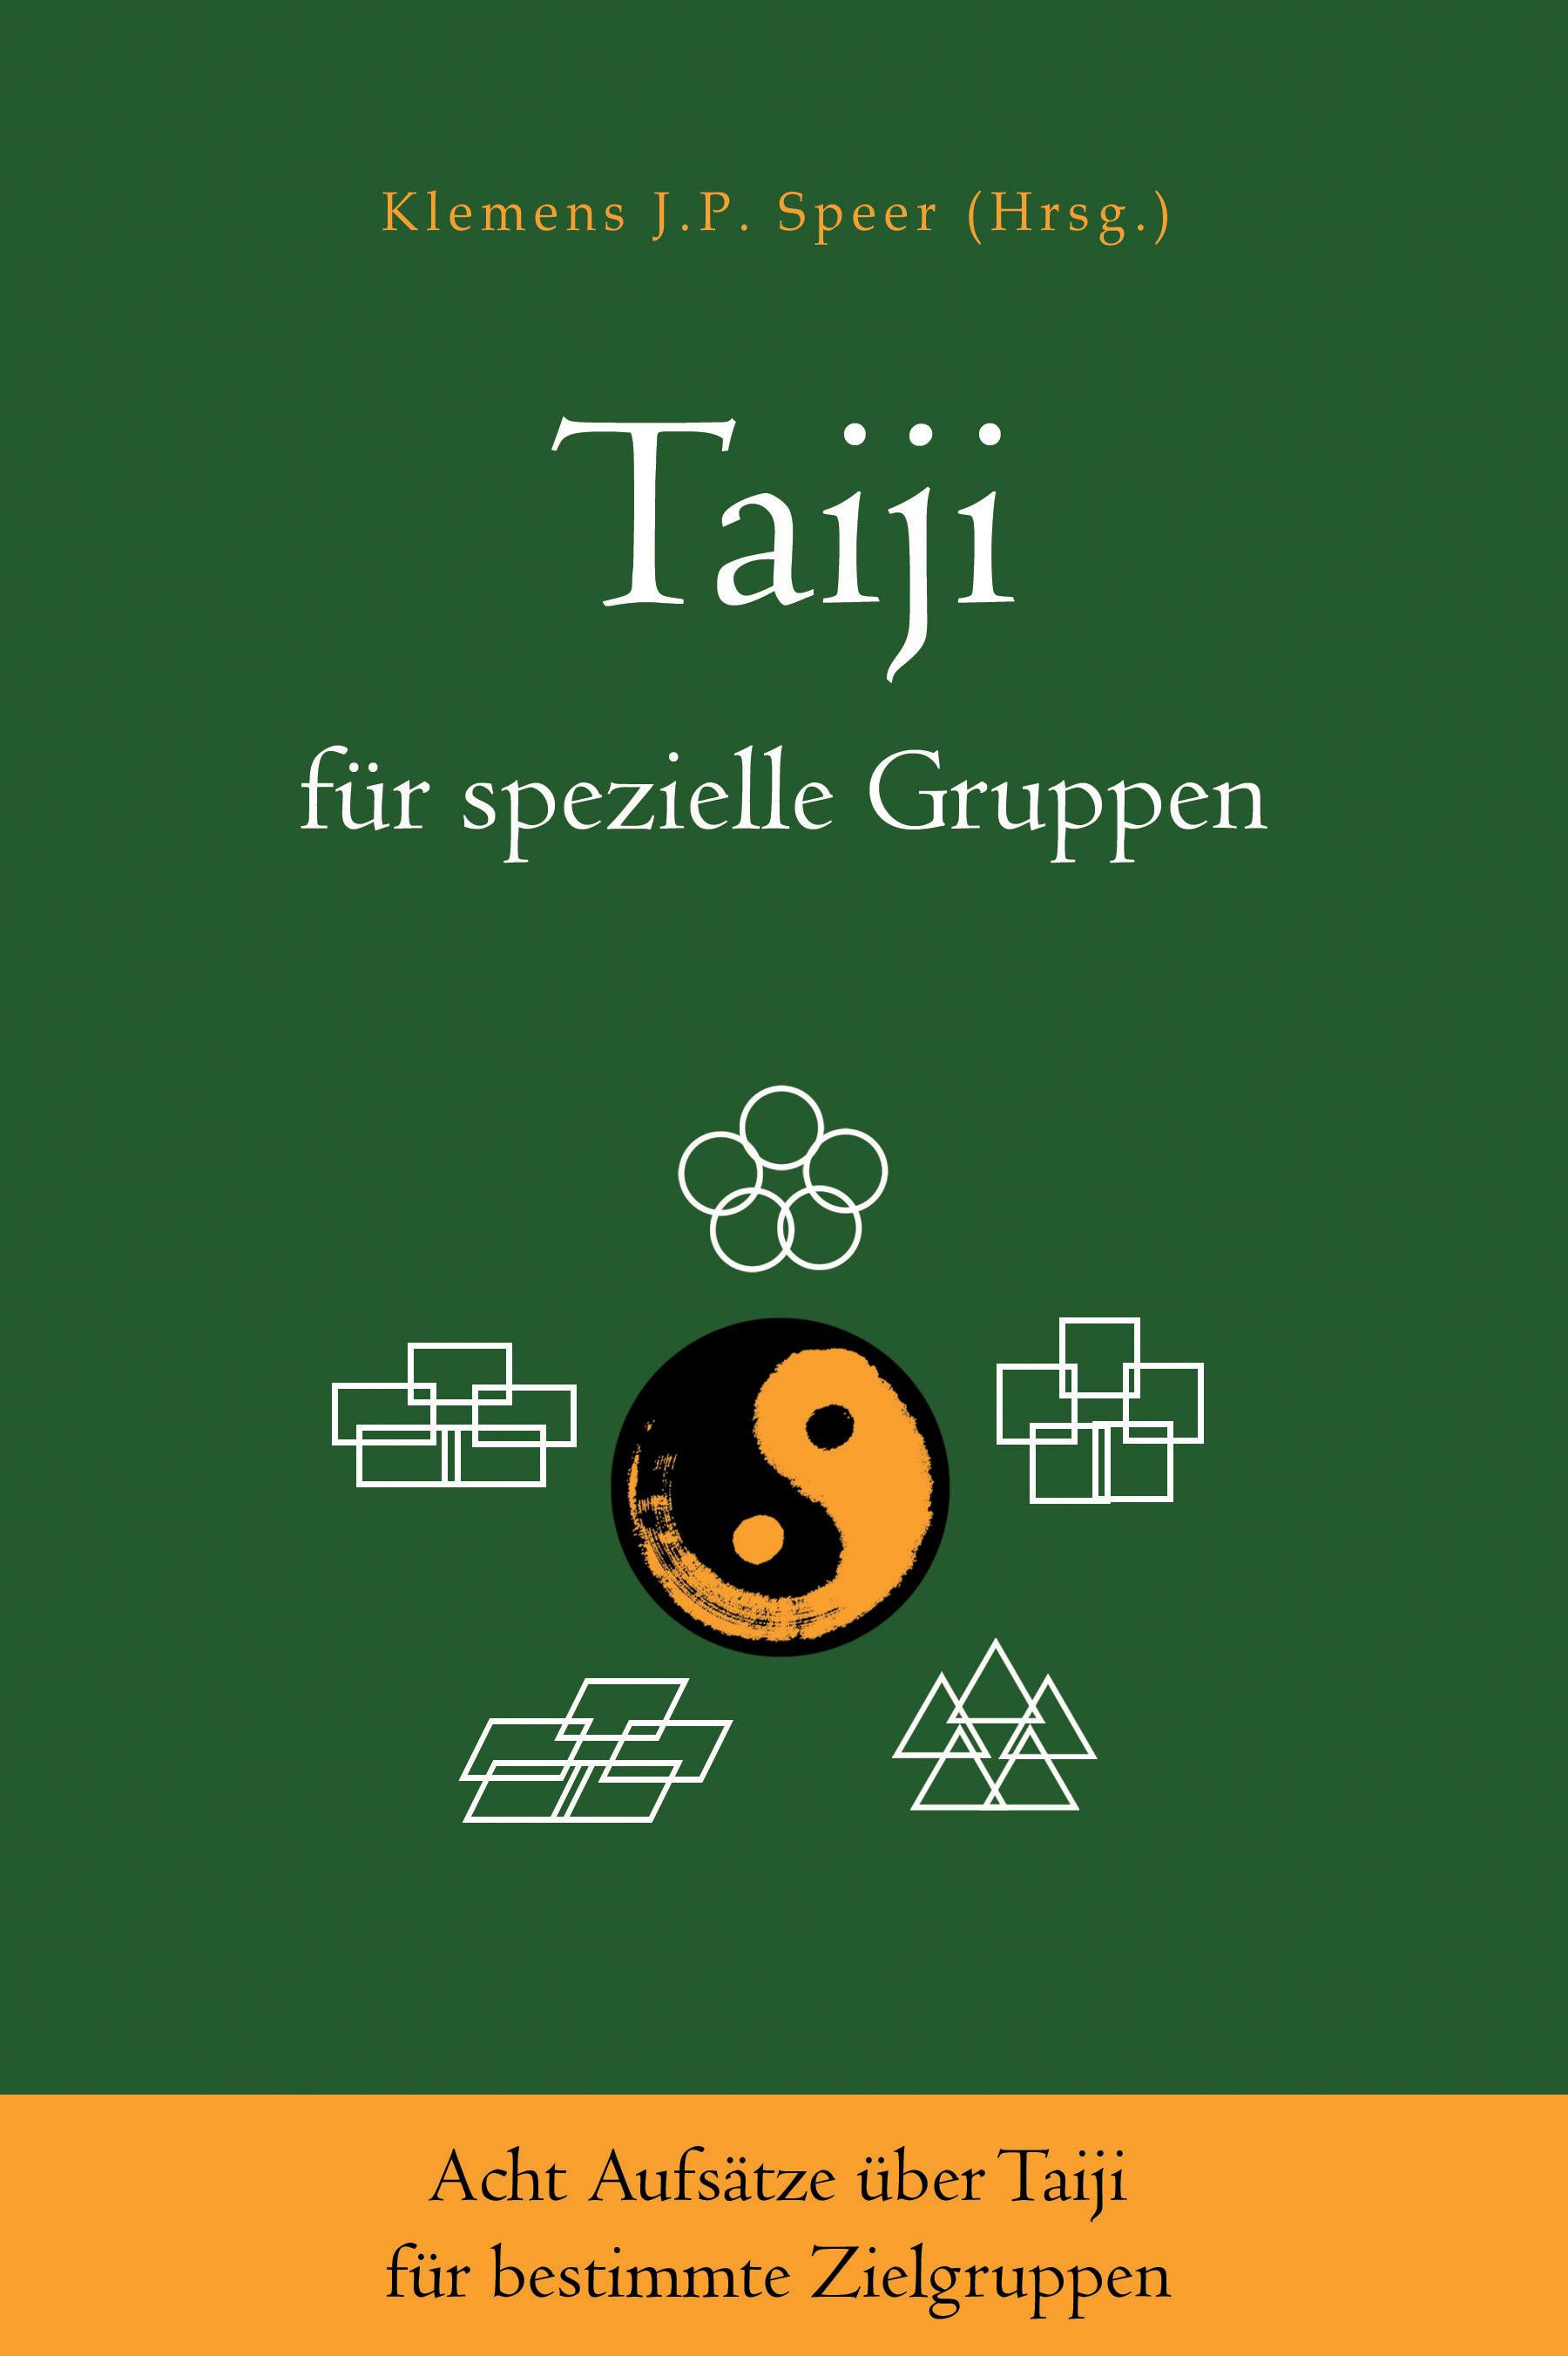 Taiji für spezielle Gruppen: Acht Aufsätze über Taiji für bestimmte Zielgruppen